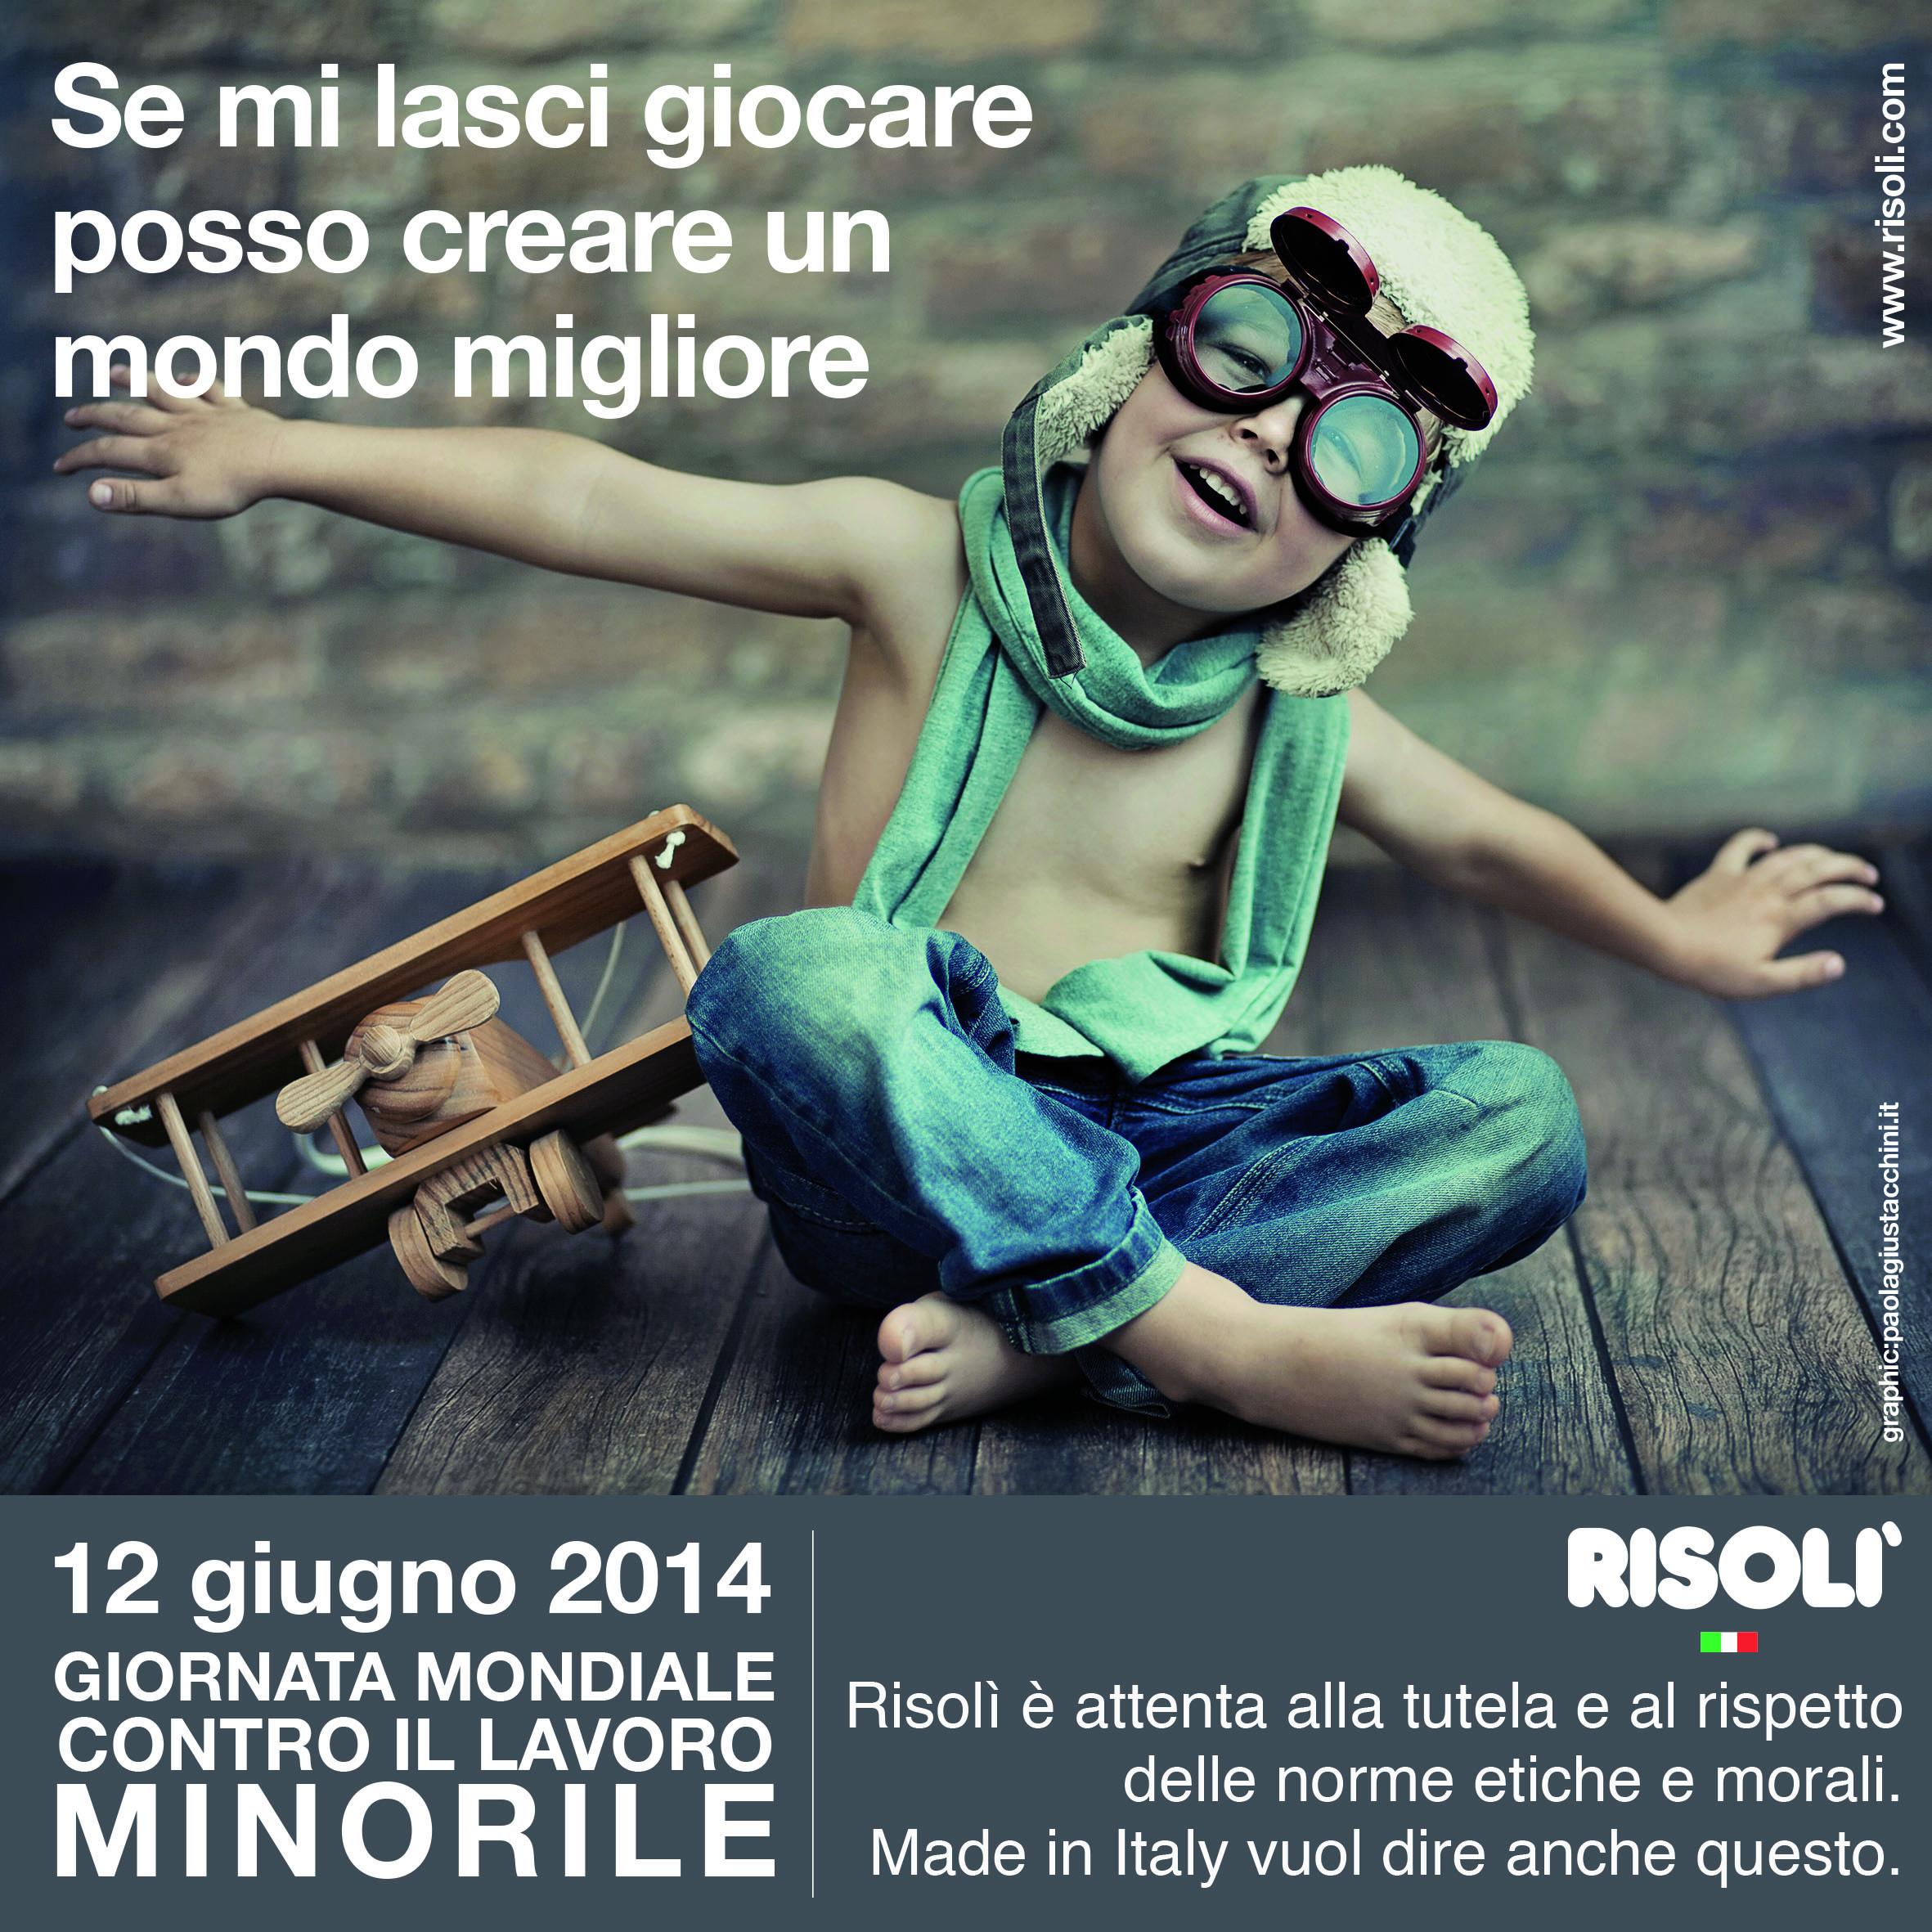 12 Giugno 2014 - GIORNATA MONDIALE CONTRO IL LAVORO MINORILE